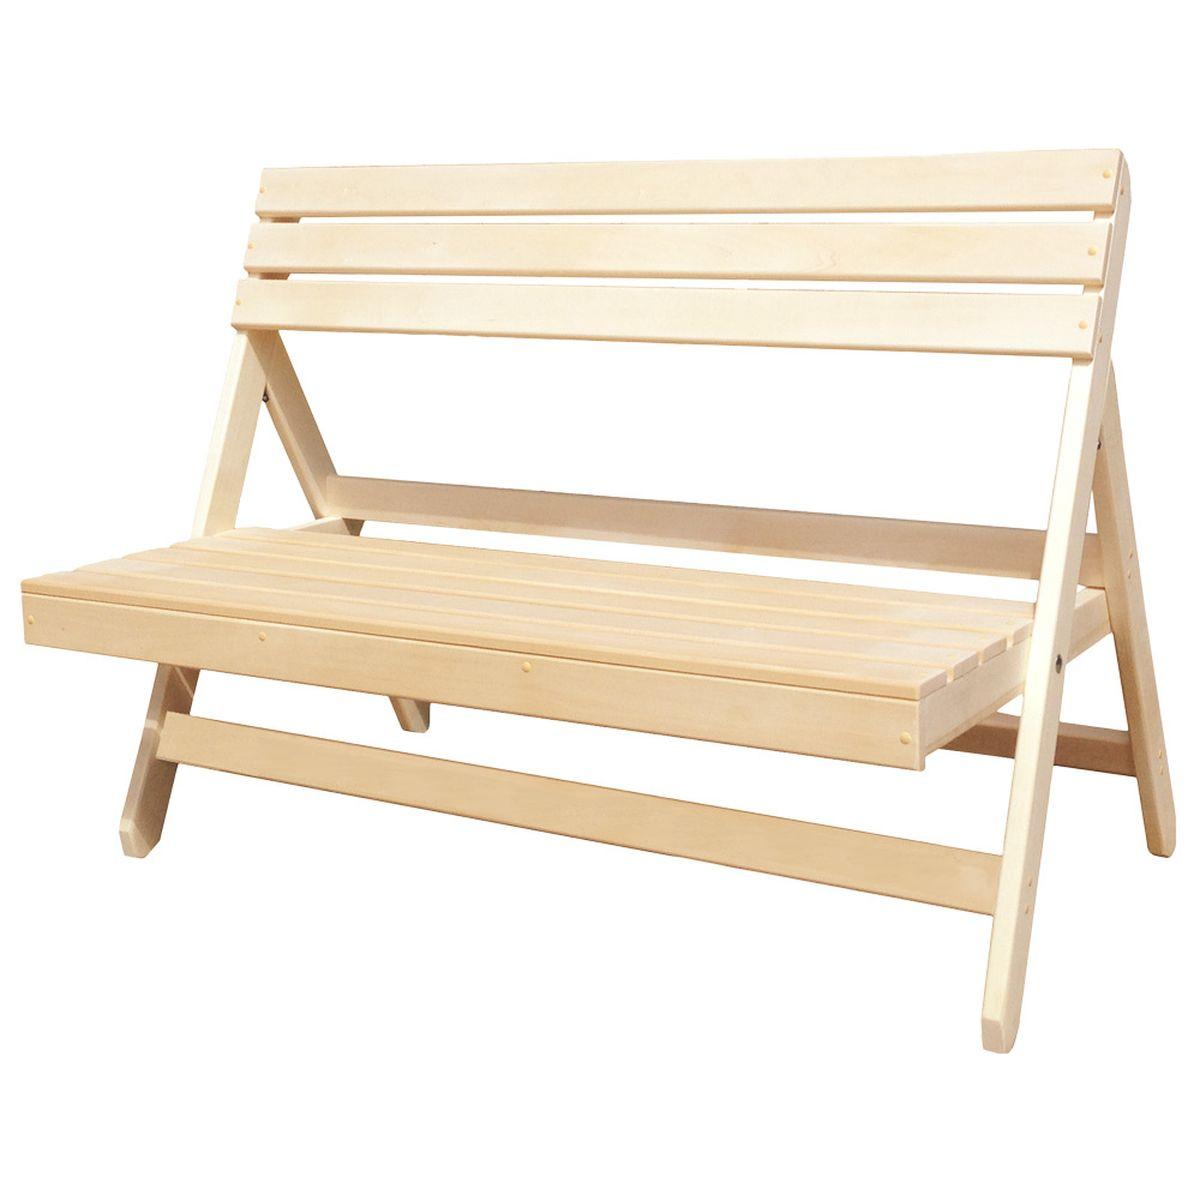 Скамья складная Банные штучки, без подлокотников, 100 смх 100 см х 41 см32458Складная скамья Банные штучки изготовлена из древесины. Скамья достаточно прочная, легко собирается и разбирается и не занимает много места, поэтому подходит для транспортировки и хранения дома.Складная скамья Банные штучки сделает банные процедуры более комфортными и приятными, а также украсит интерьер любой бани или сауны, дополнив его русским духом самобытности и частичкой традиционной русской культуры благодаря своей универсальной конструкции.